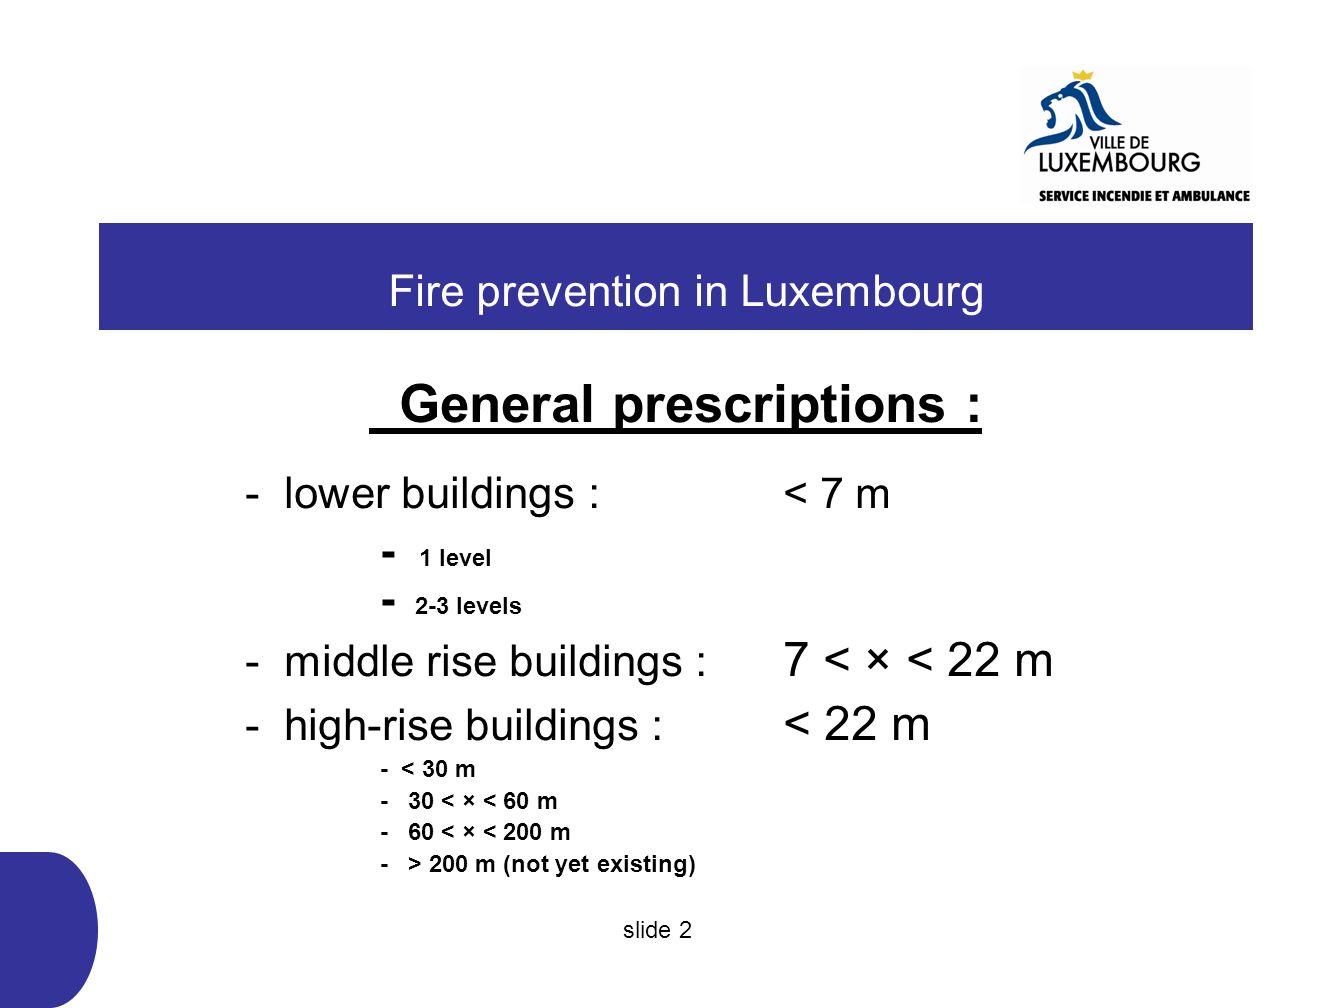 General prescriptions : - lower buildings : < 7 m - 1 level - 2-3 levels - middle rise buildings : 7 < × < 22 m - high-rise buildings : < 22 m - < 30